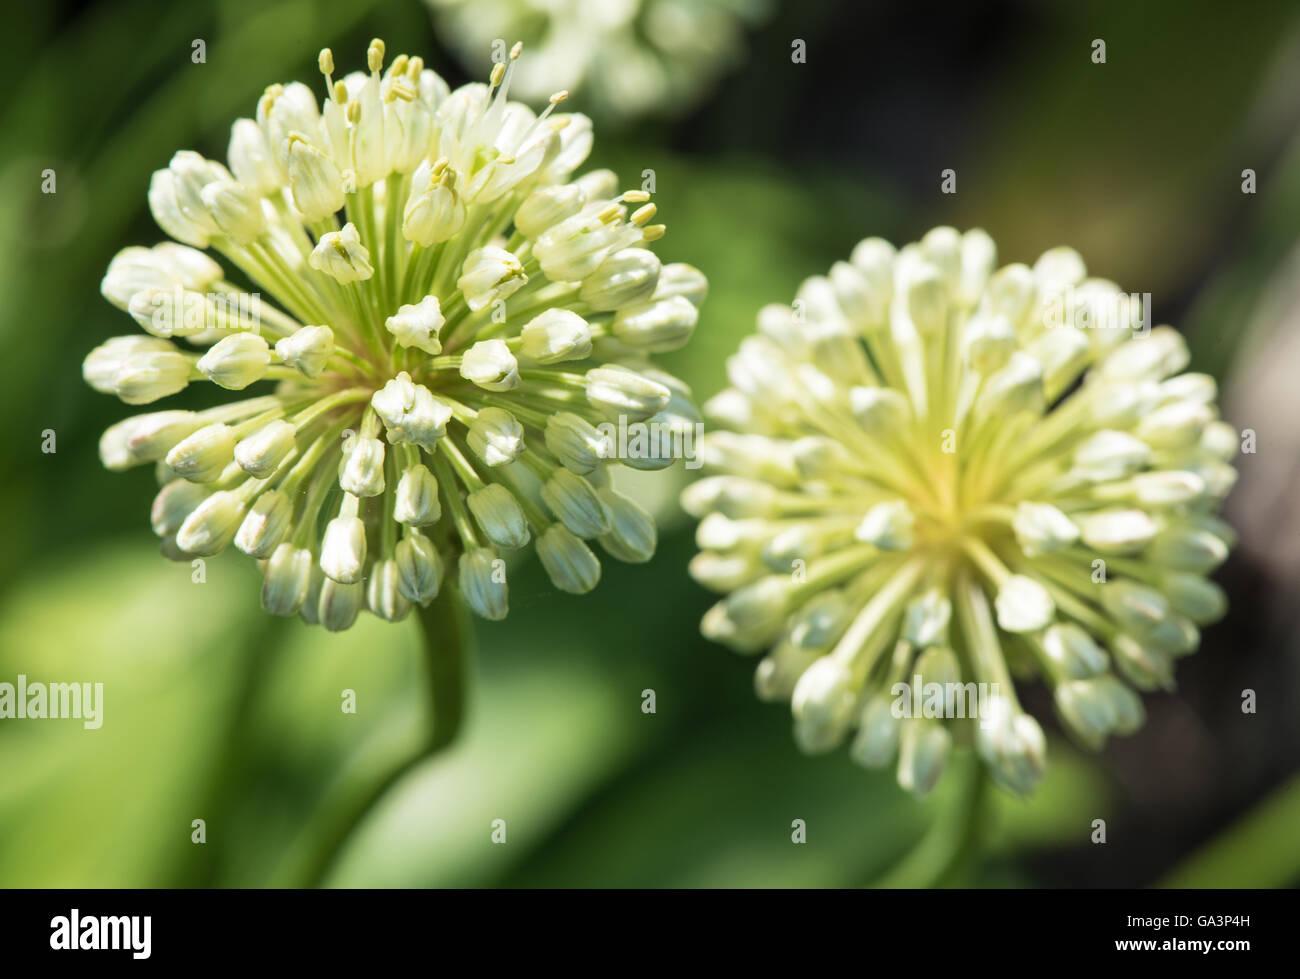 Allium flowers - Stock Image